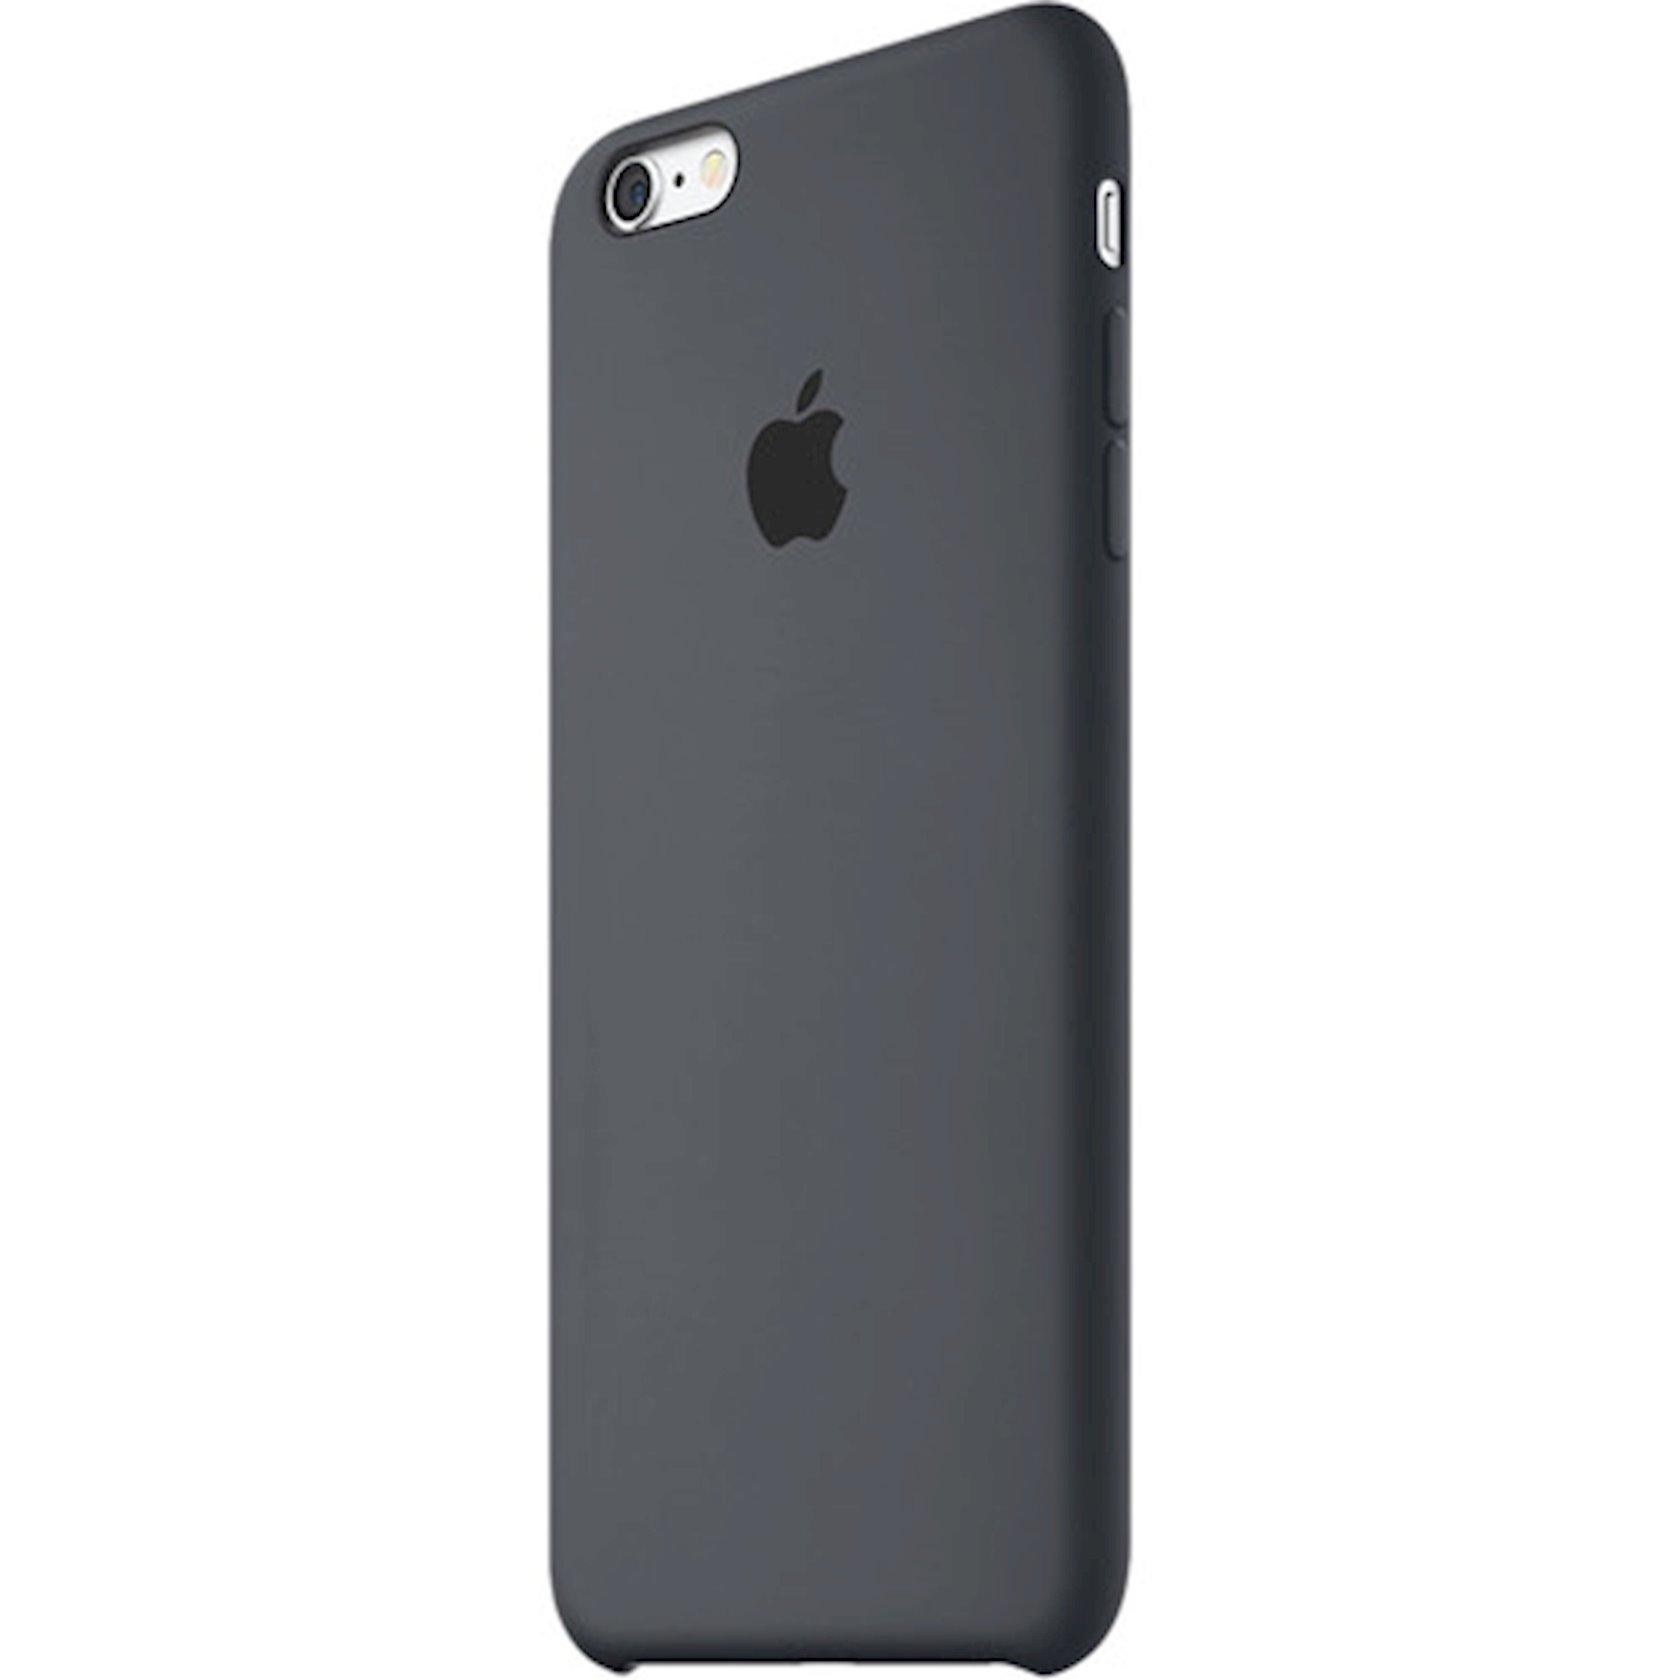 Çexol Silicone Case Apple iPhone 6s Plus üçün  Grey